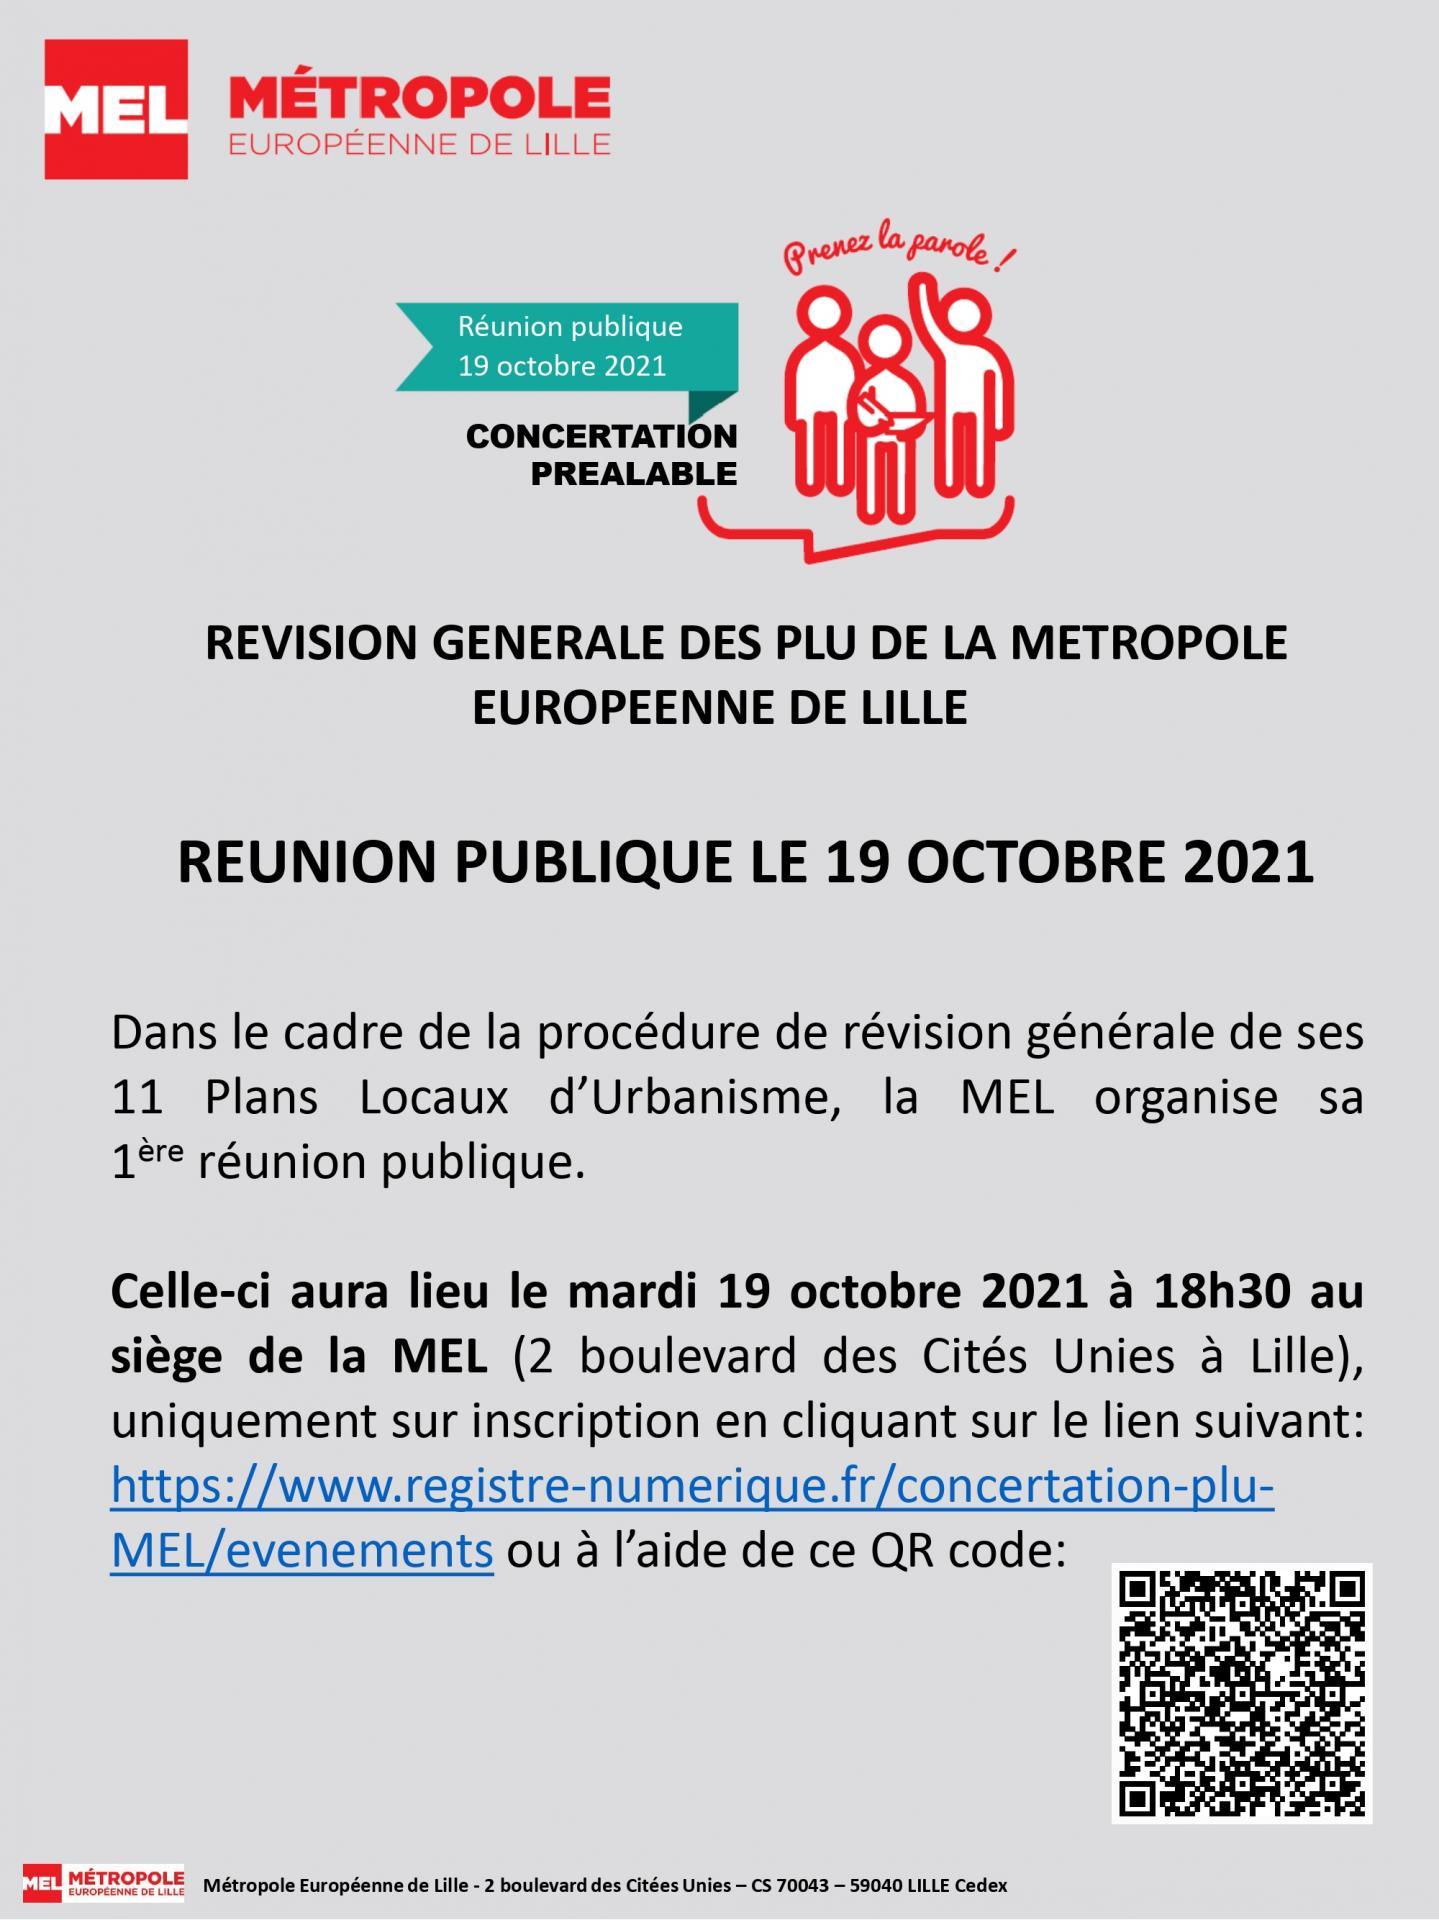 Affiche annonce reunion du 19 octobre 2021 page 0001